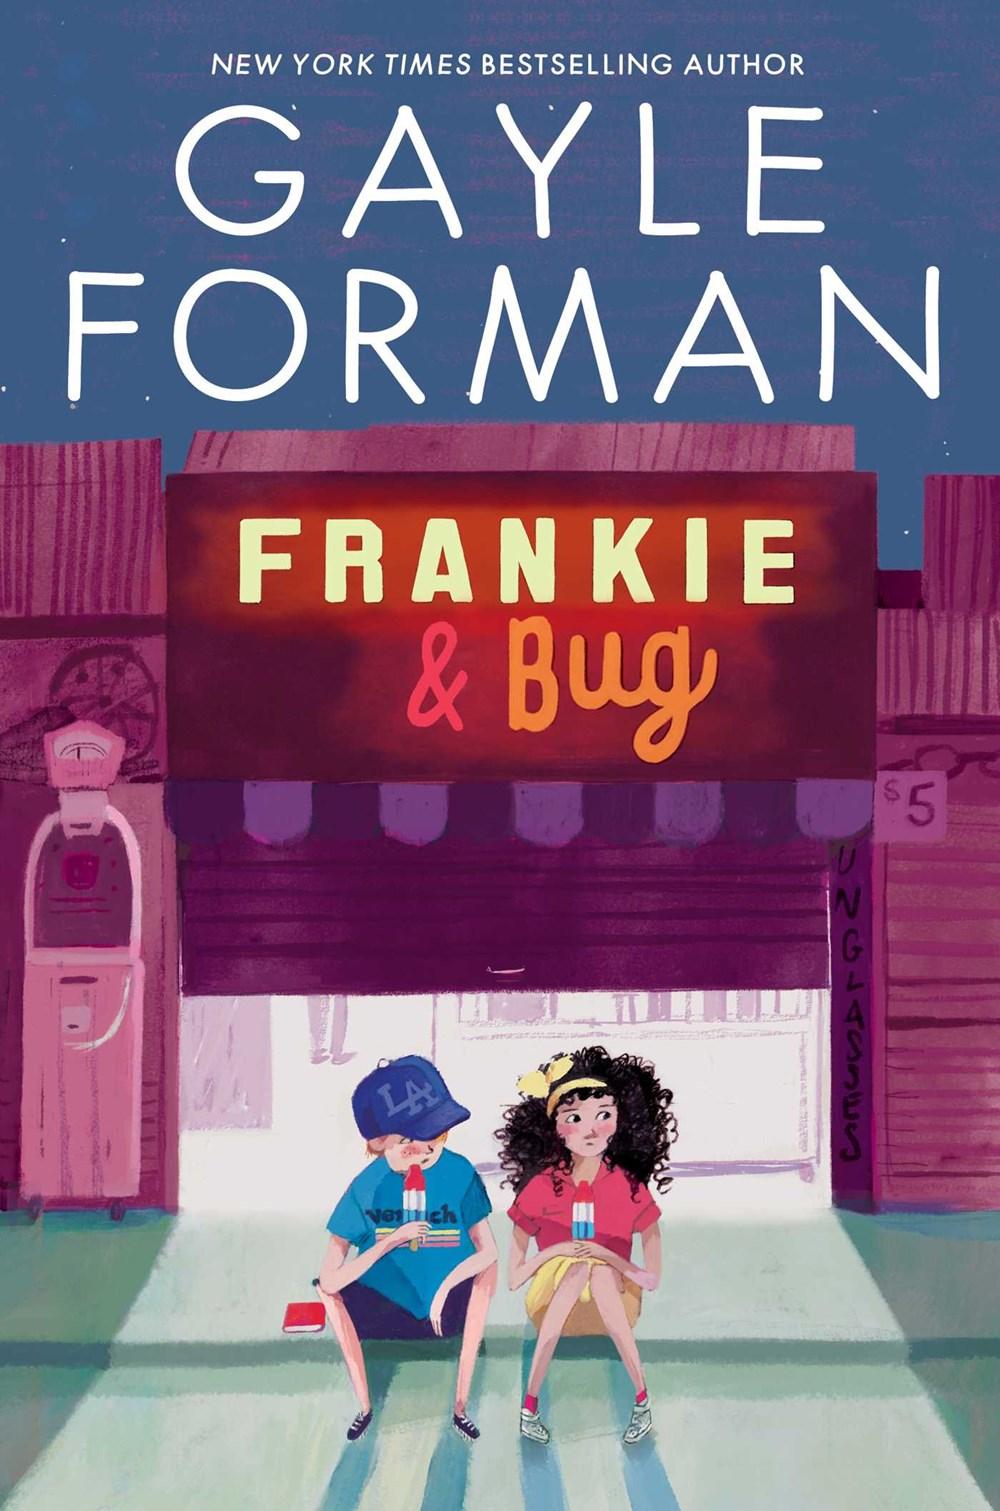 Frankie & Bug